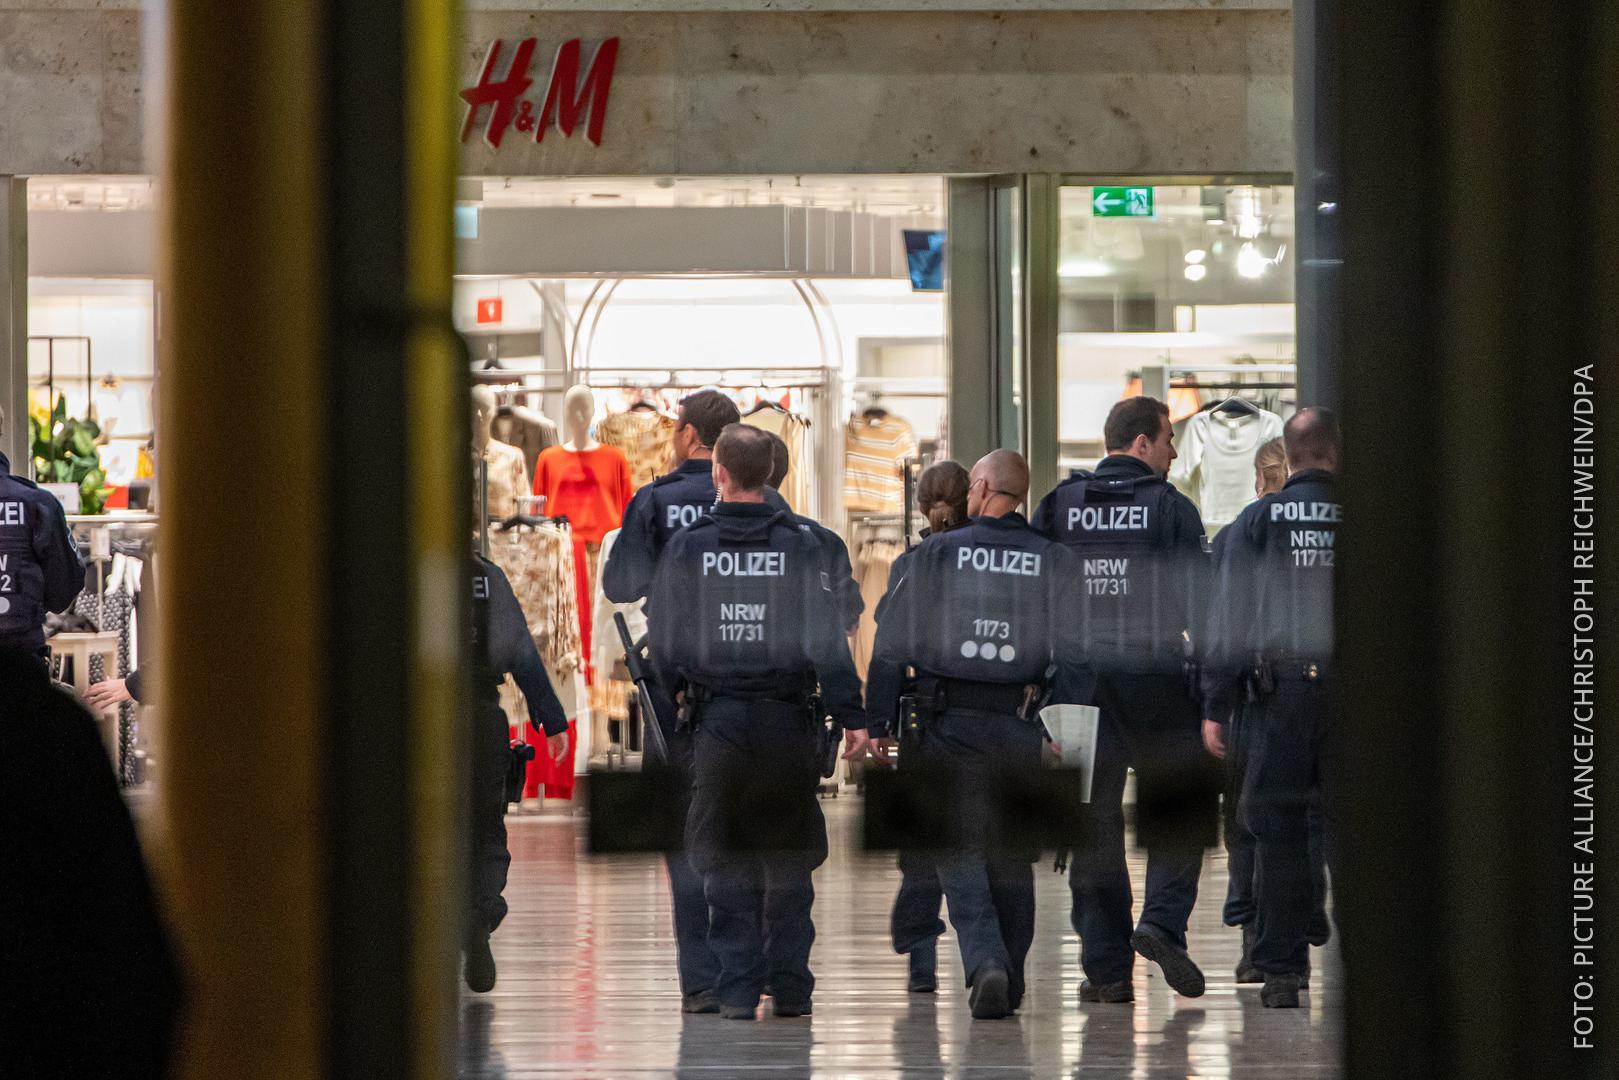 Polizisten räumen Einkaufszentrum in Duisburg nach Fund von verdächtiger Tasche